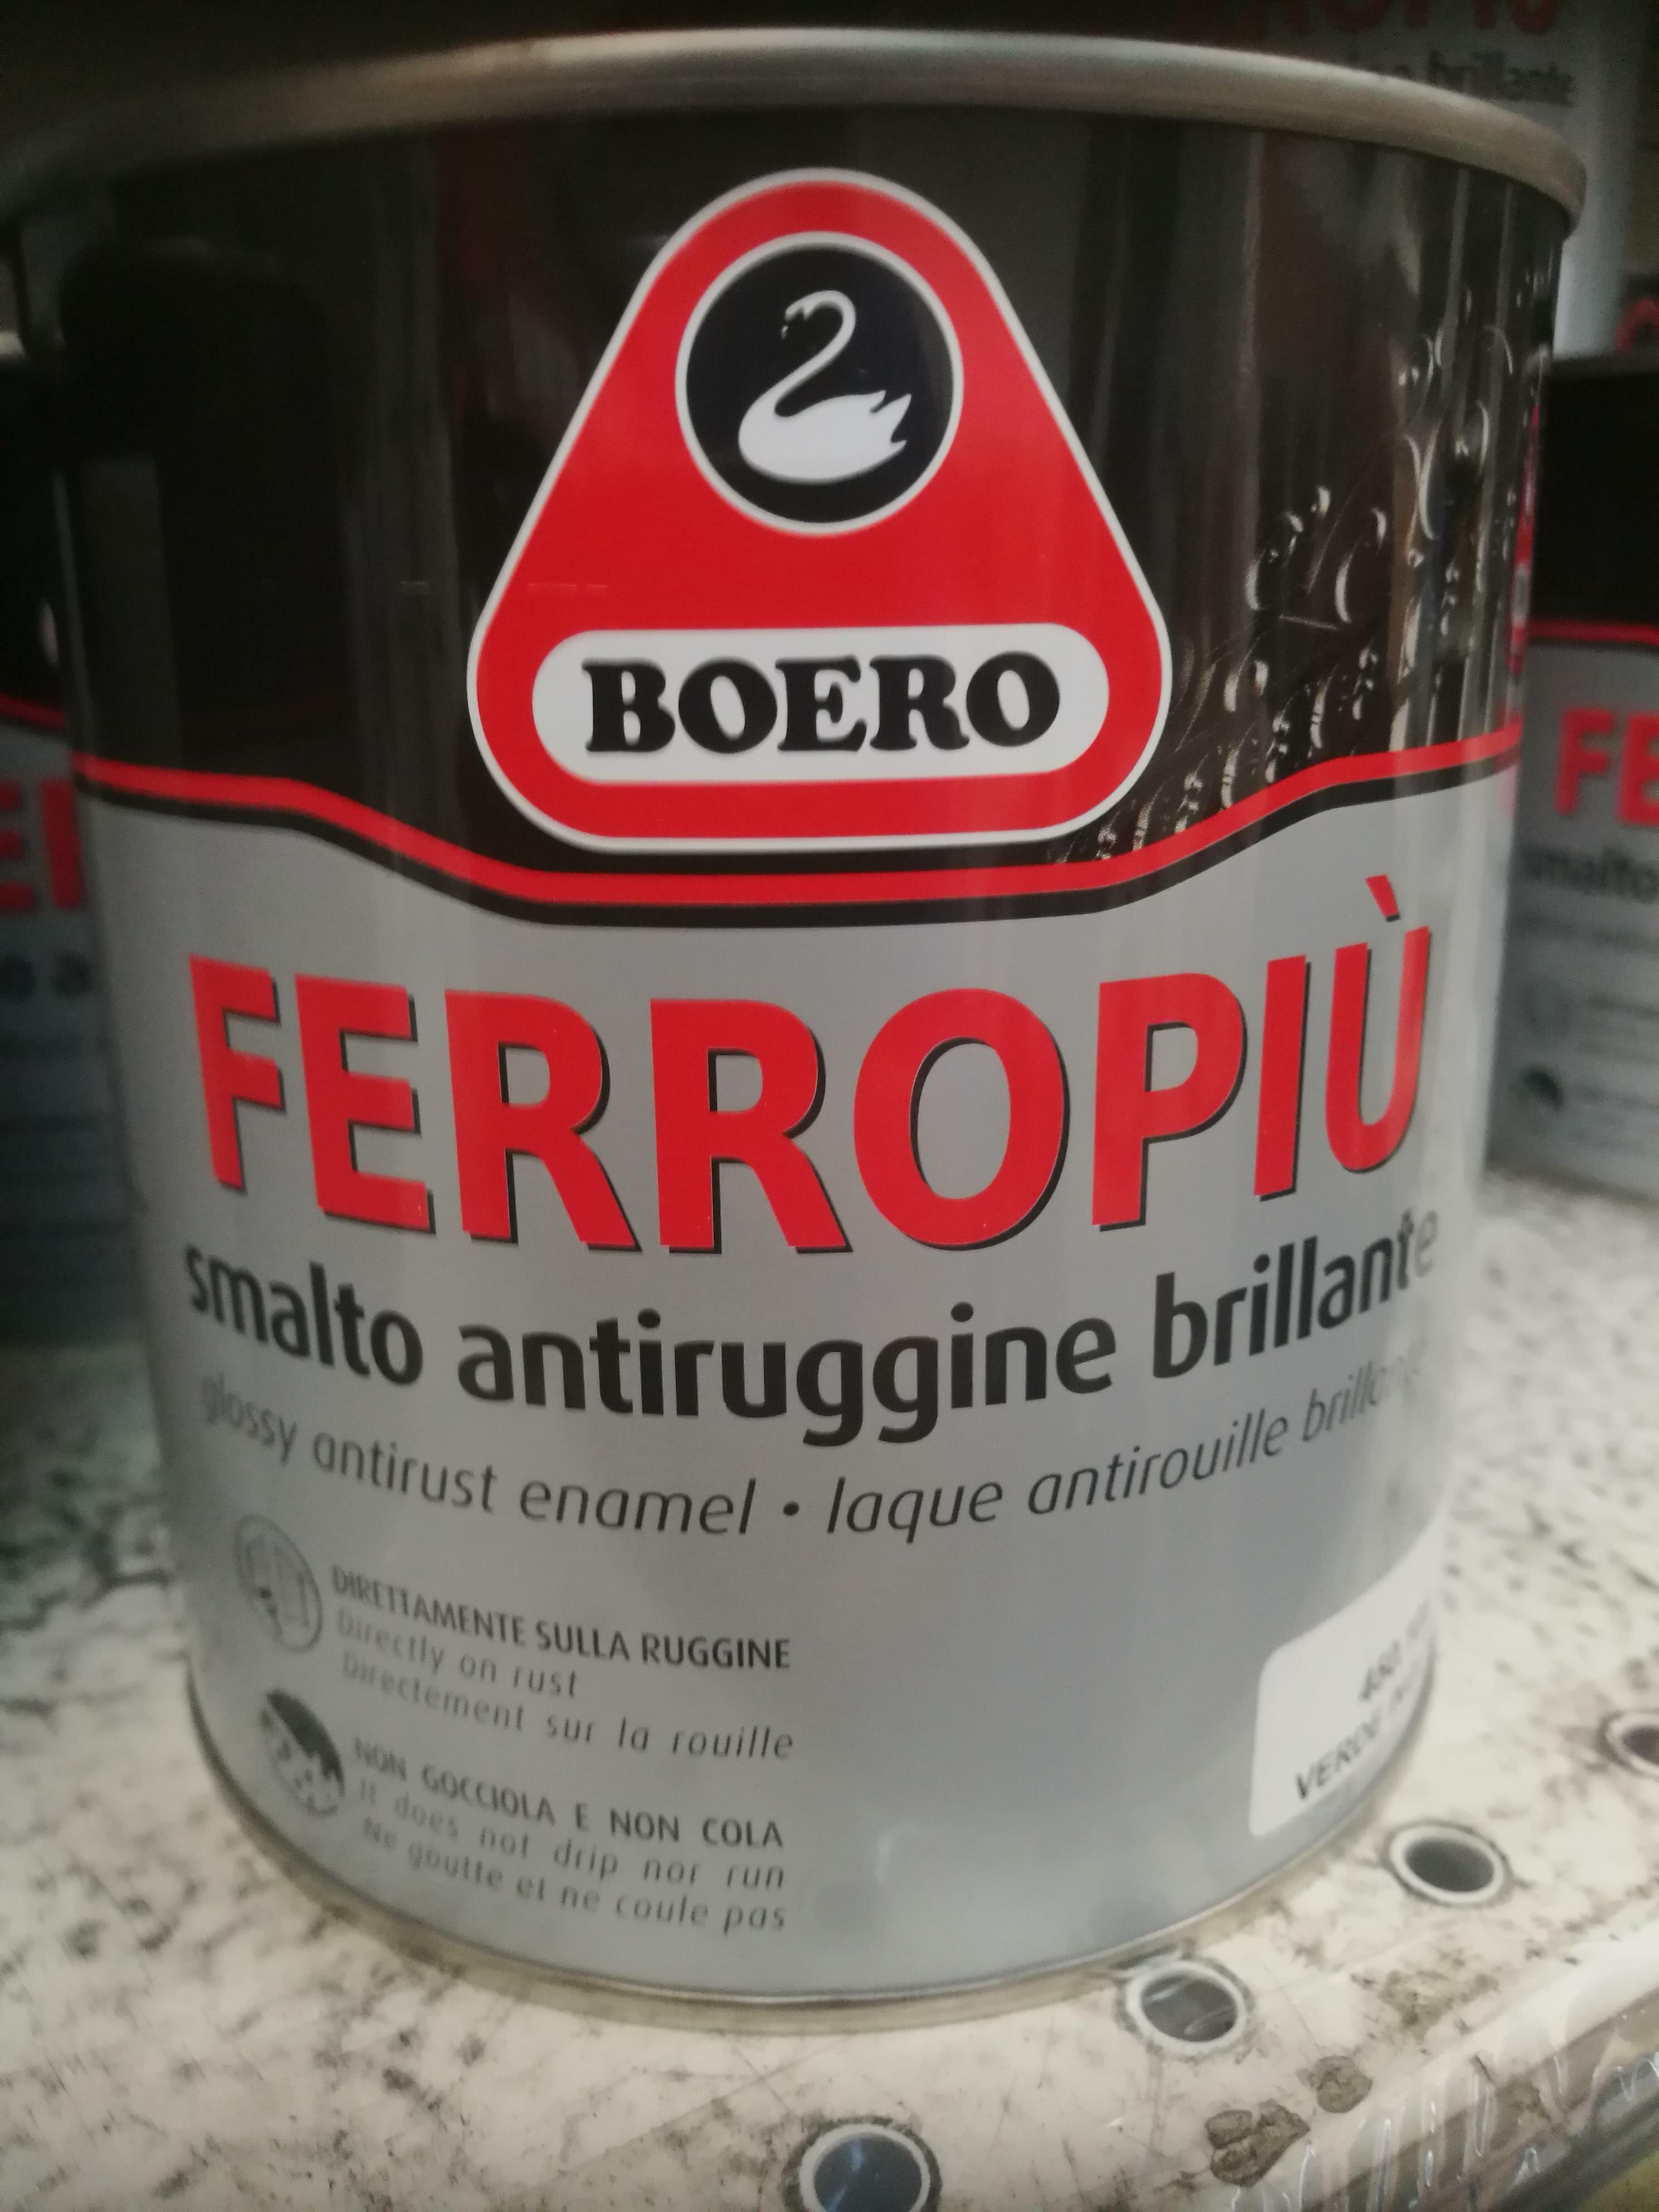 boero boero ferropiu antracite 0,75 litri smalto per ferro e legno